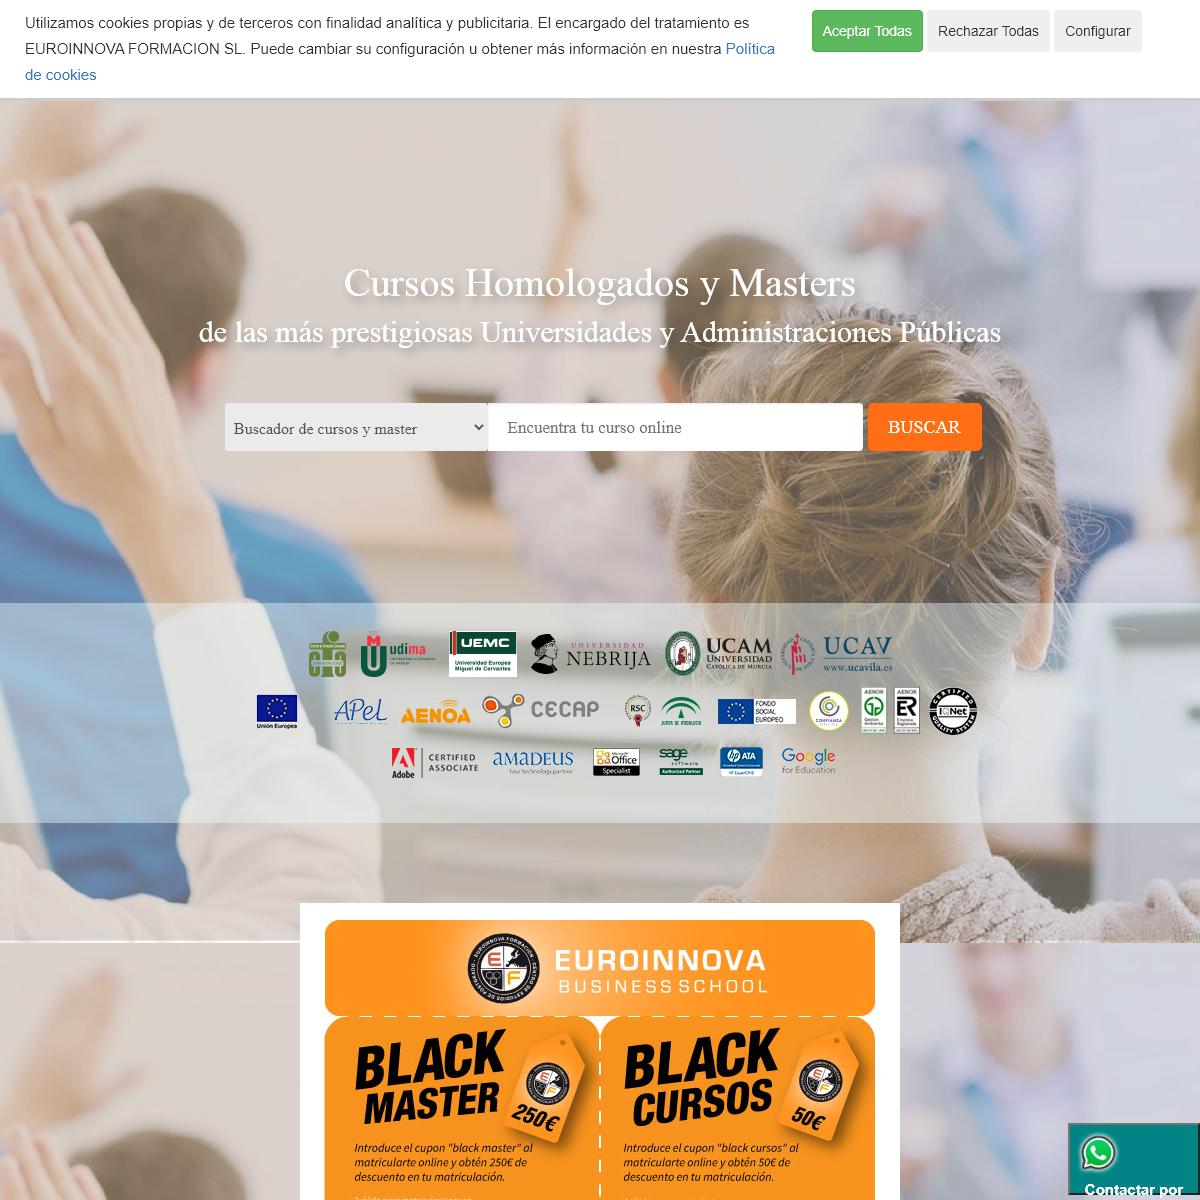 Cursos online homologados - web oficial euroinnova business